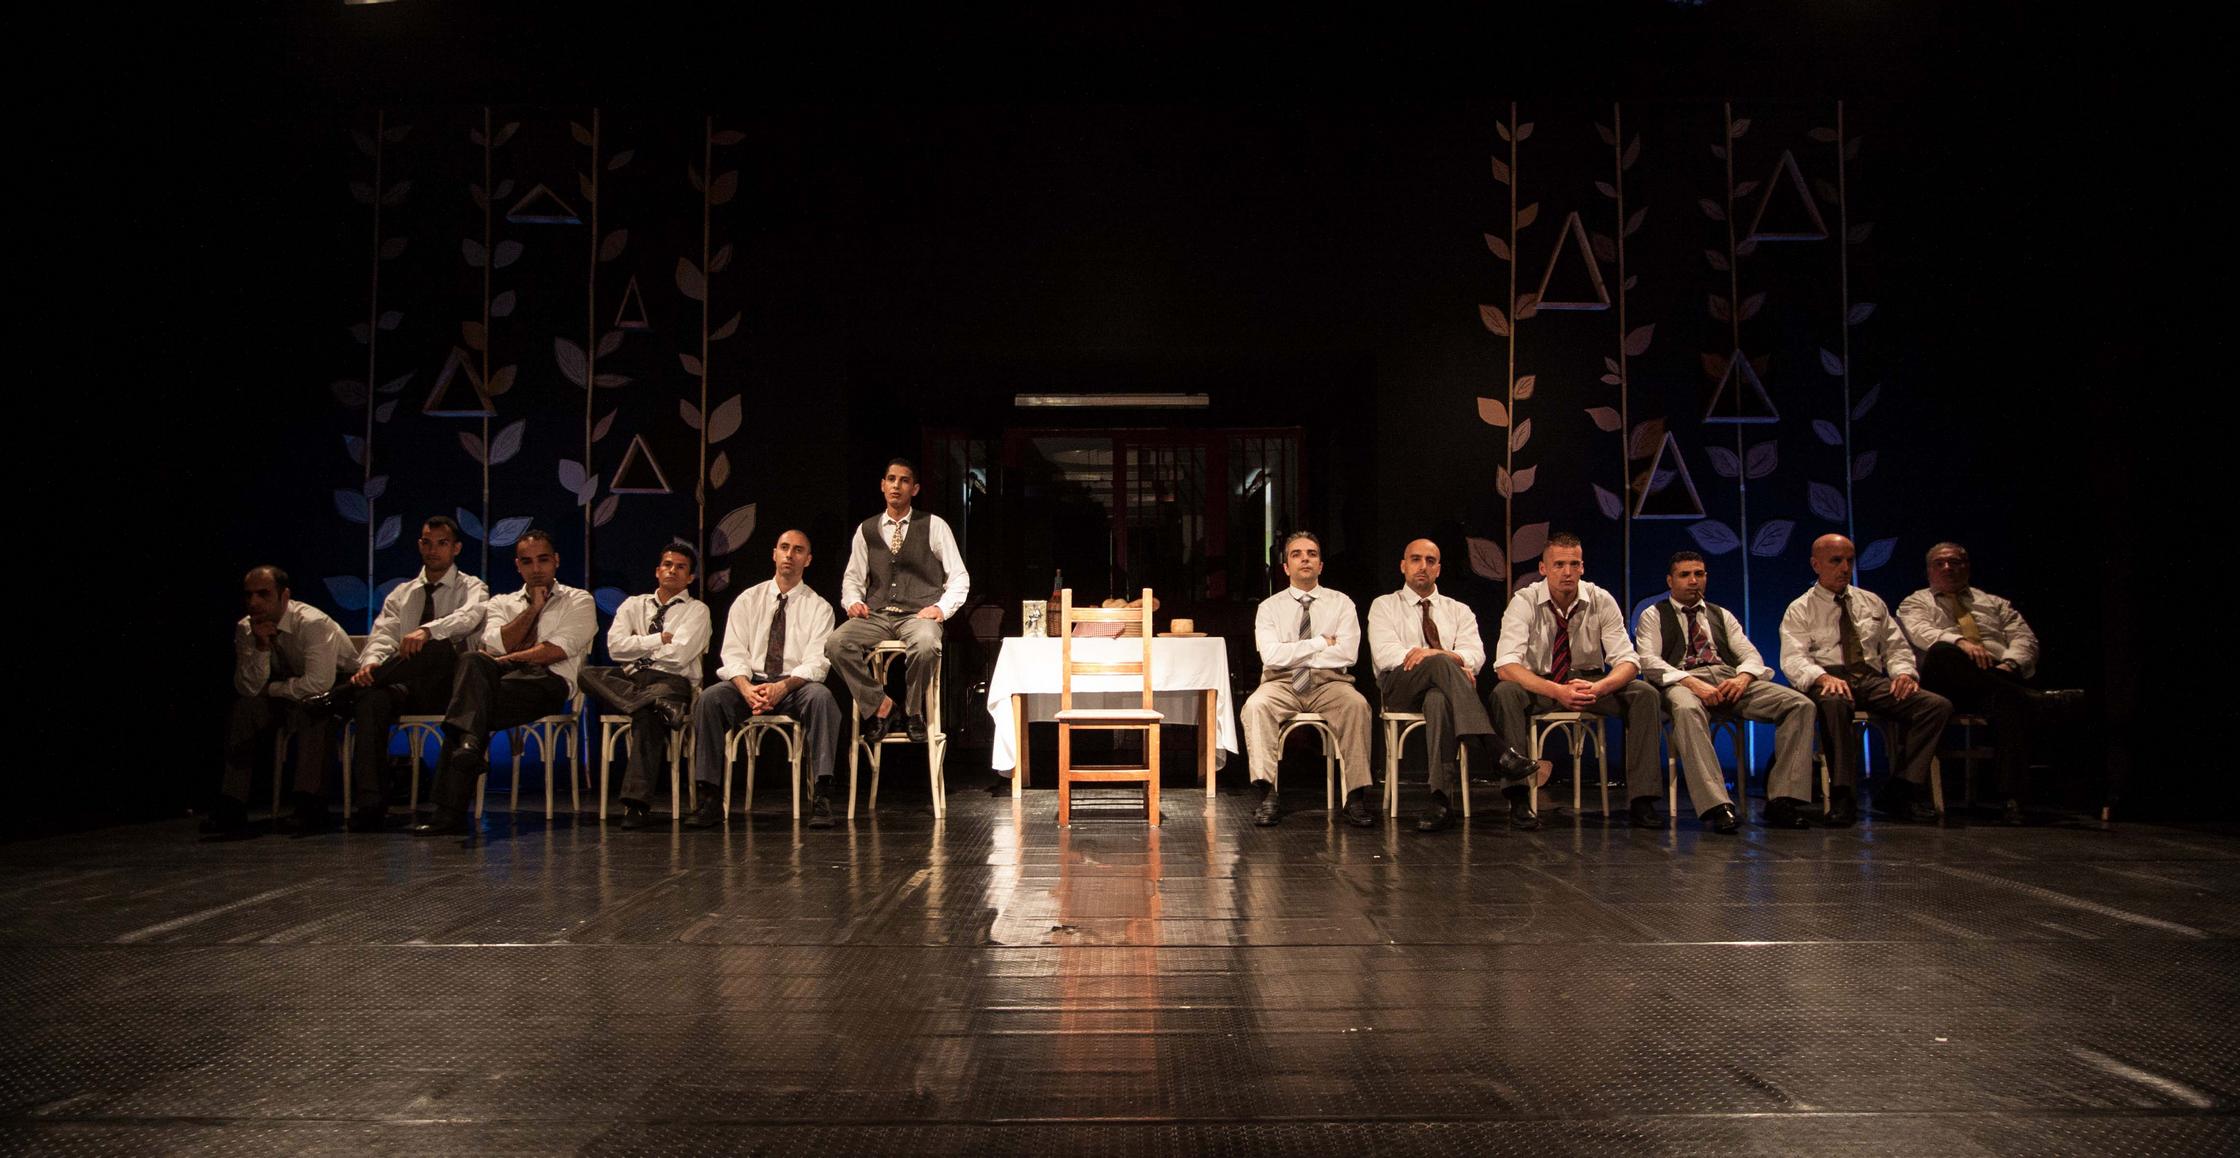 La Guida - Spettacolo teatrale con gli attori detenuti del carcere di Saluzzo